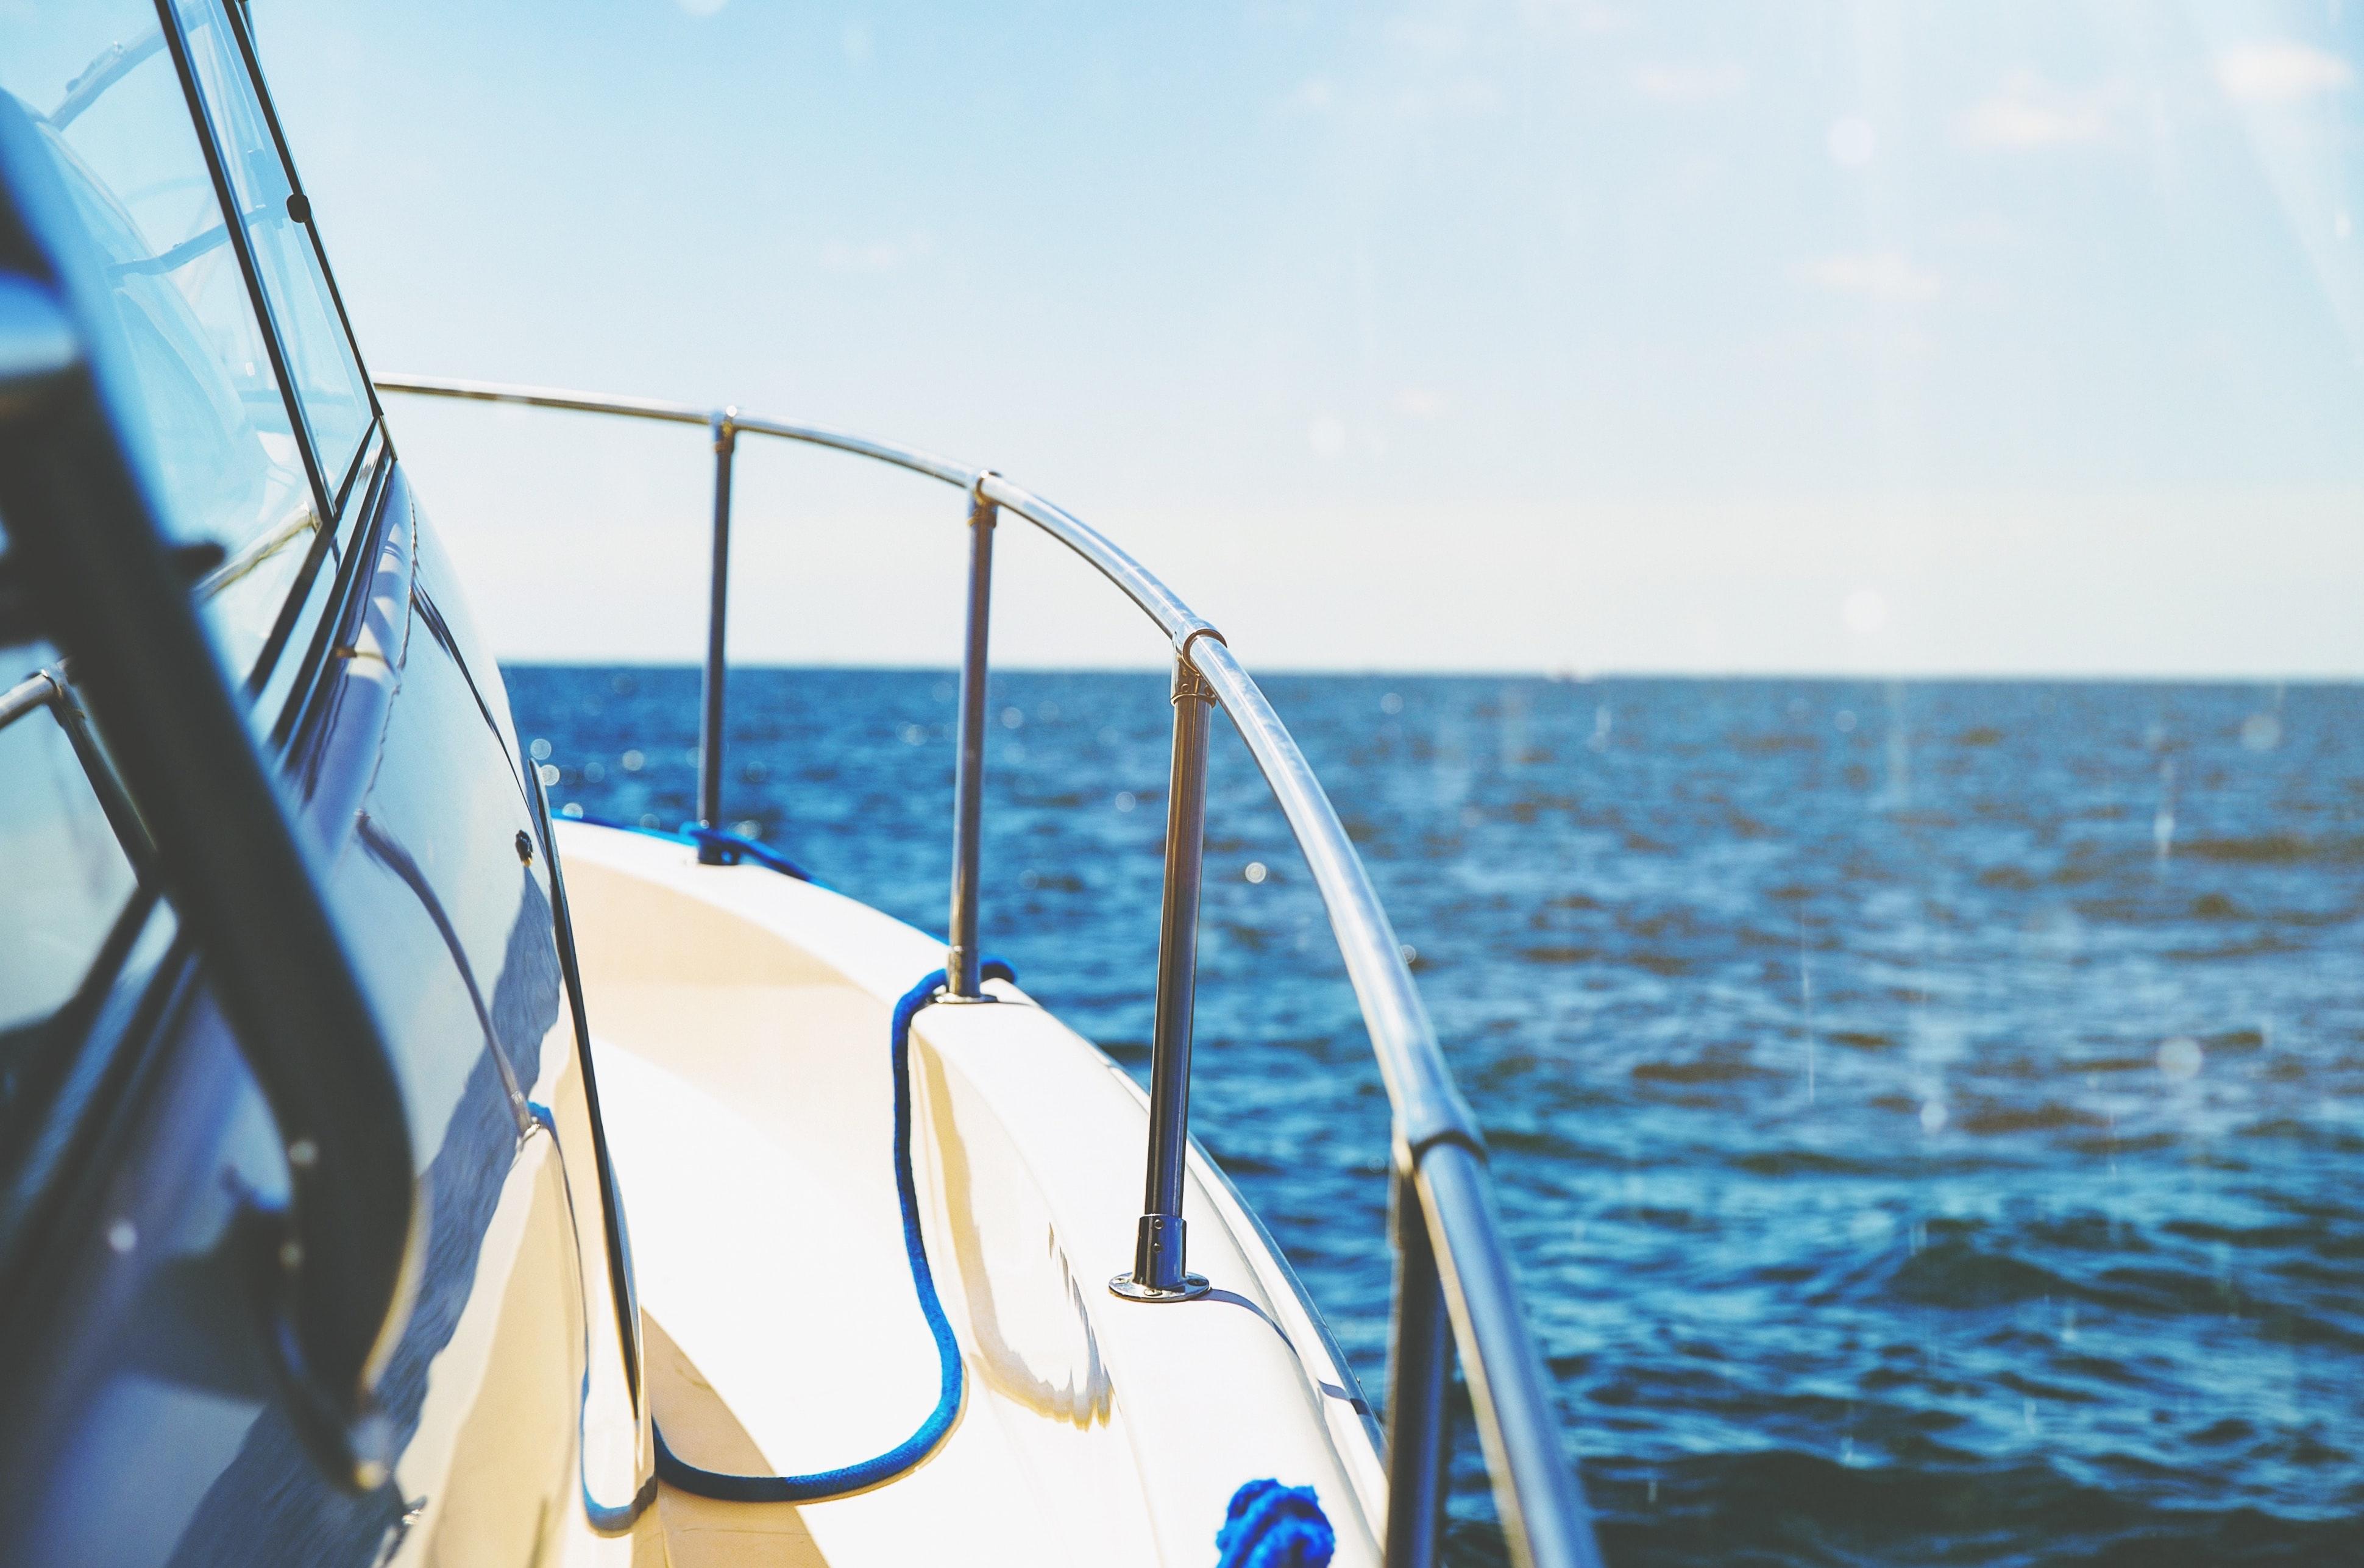 Skal jeg vælge en sejlbåd eller en motorbåd?